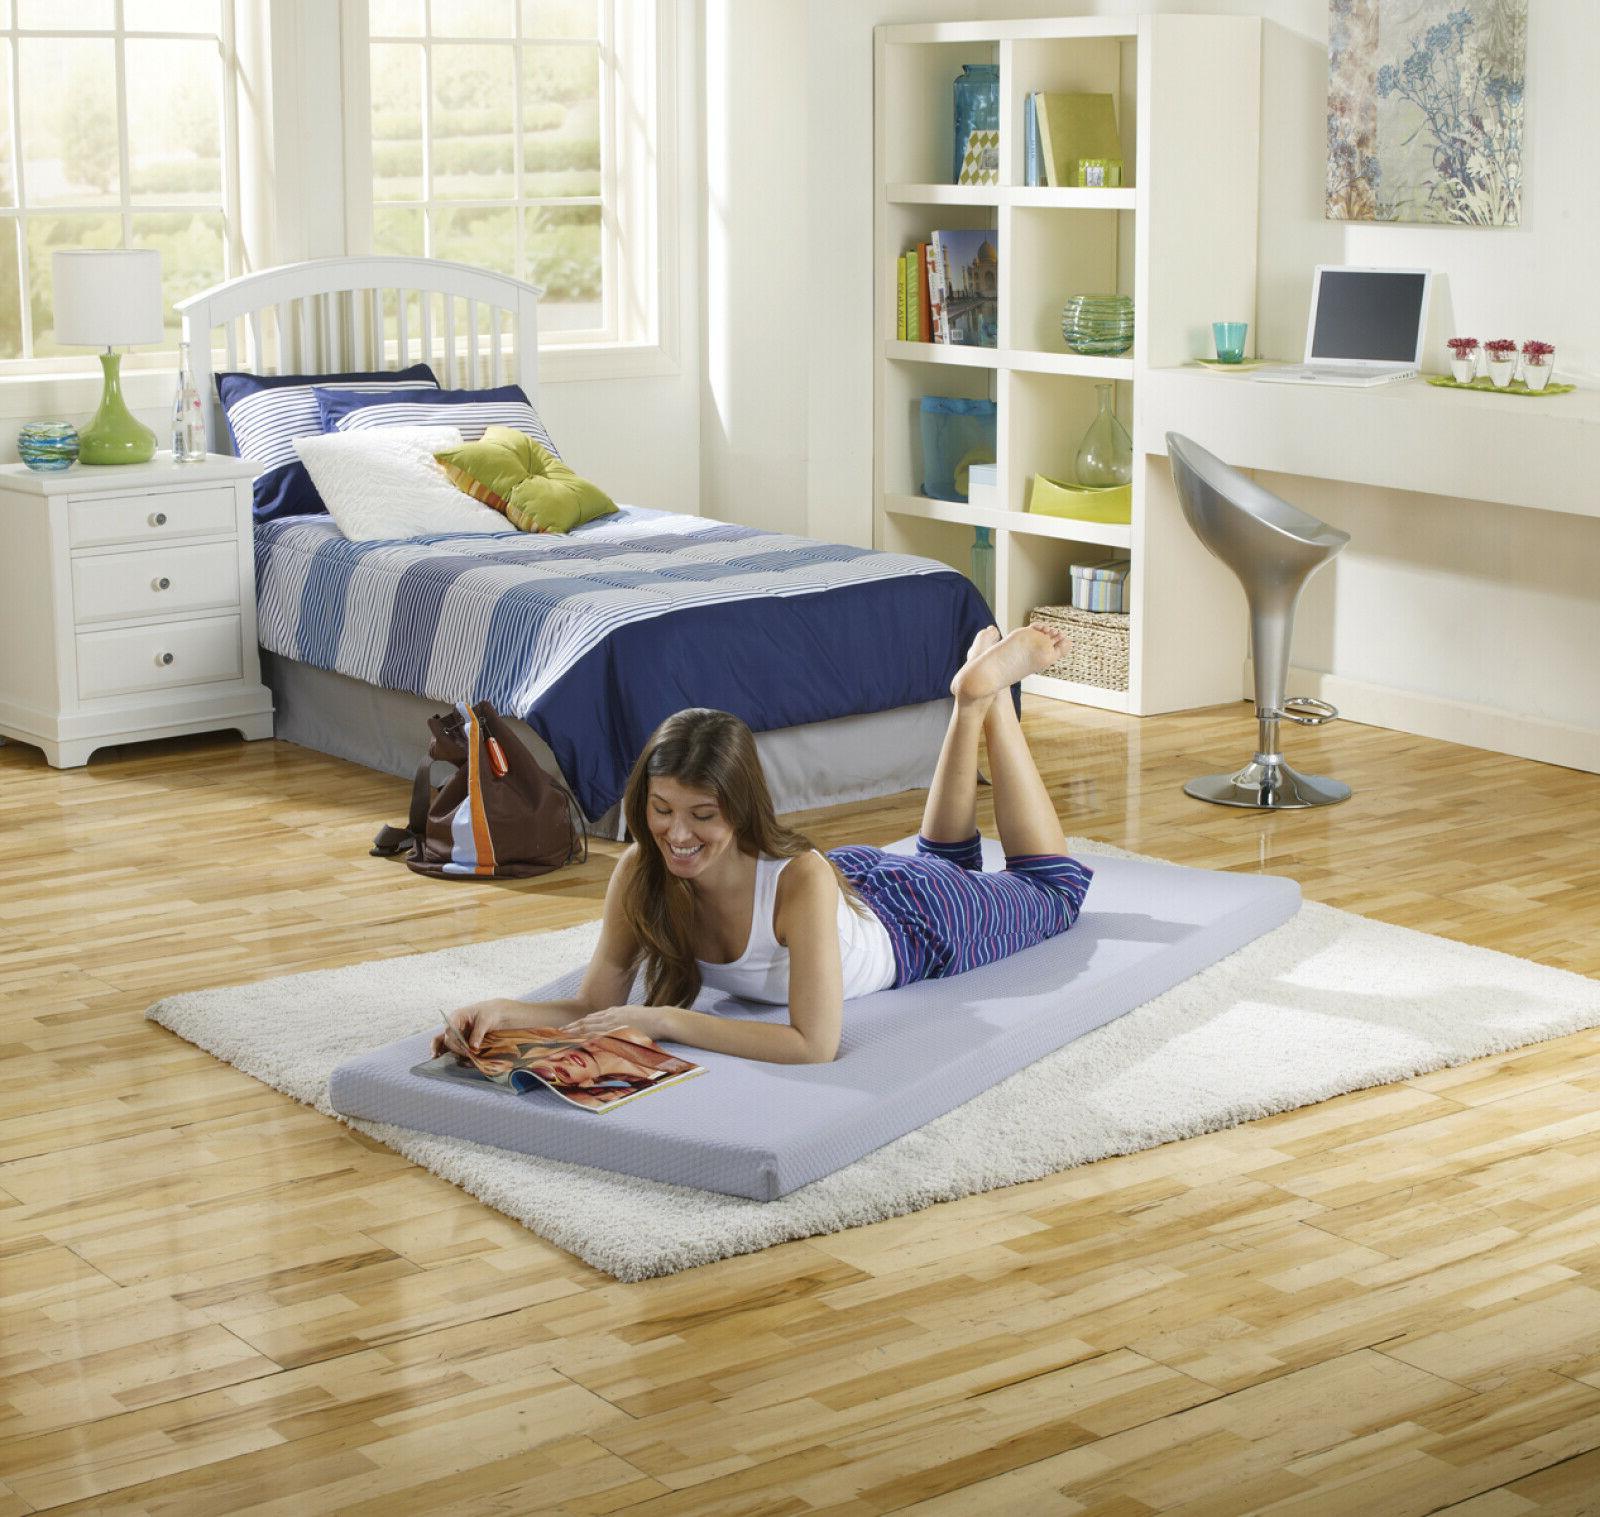 Simmons BeautySleep Siesta Memory Foam Mattress: Roll-Up Gue